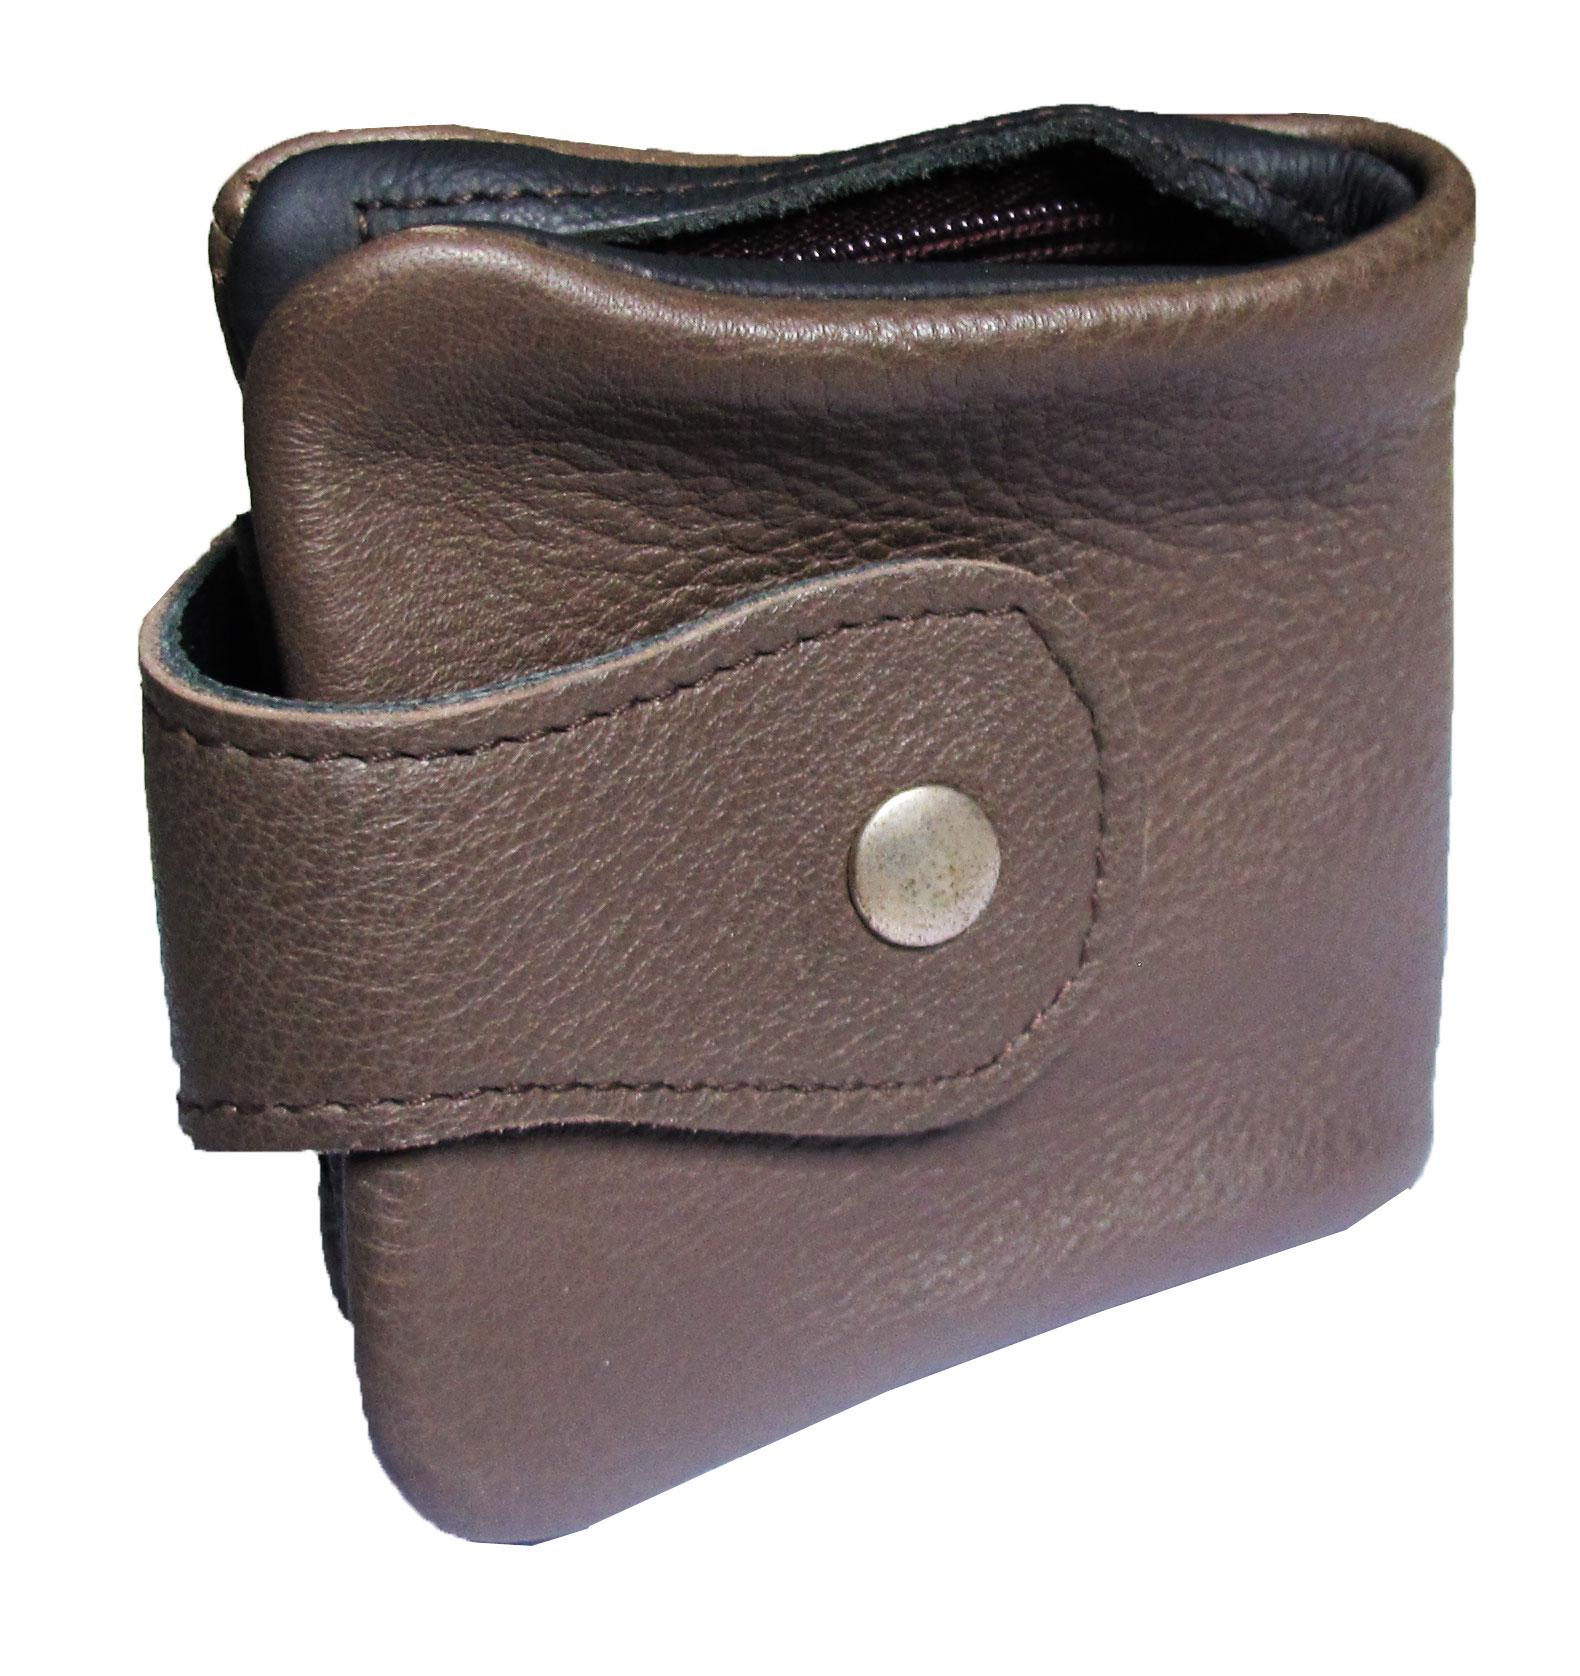 กระเป๋าสตางค์ หนังวัวแท้ สัมพัสนุ่ม นิ่มมือ ดีไซน์สวย เก๋ไก๋